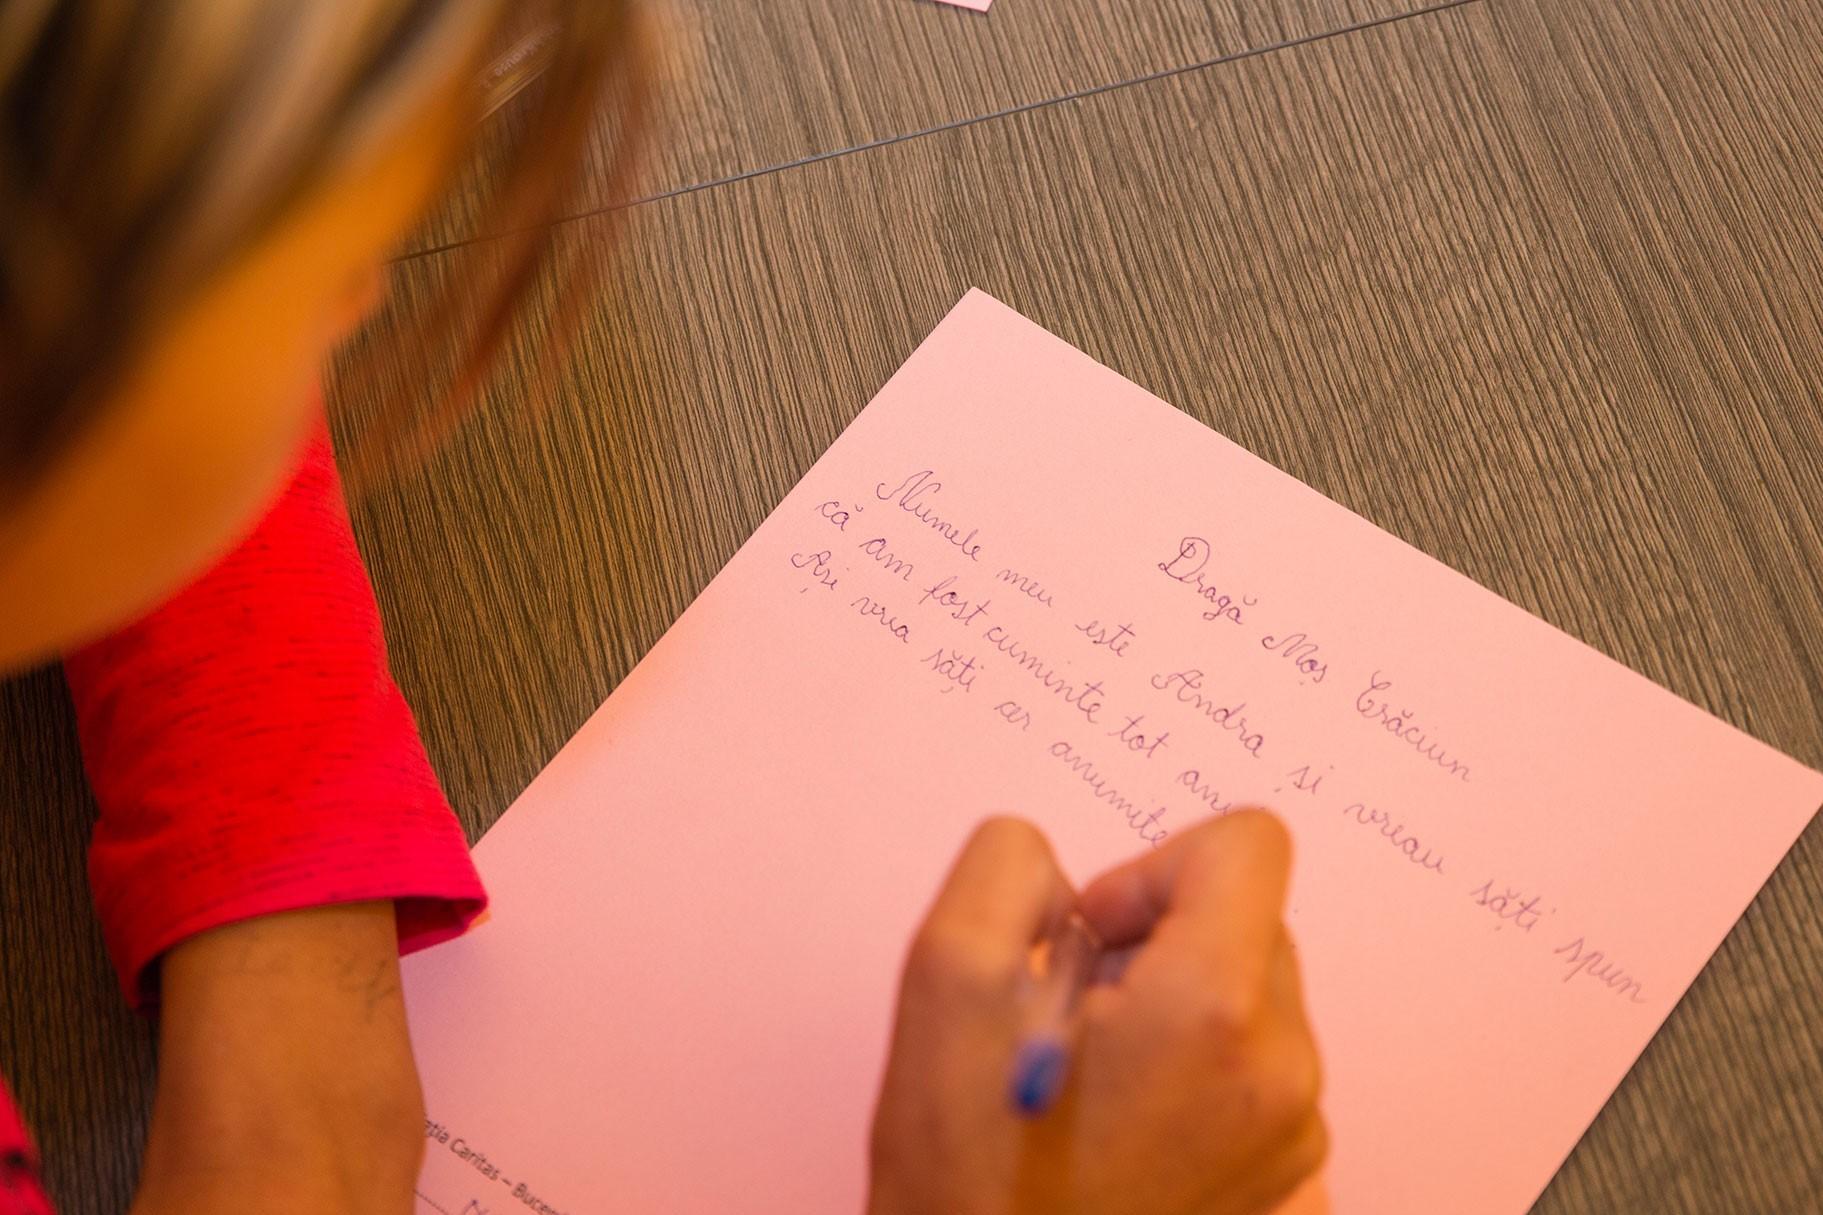 """Peste 1.200 de copii defavorizați din toată țara au primit cadourile dorite prin programul """"Scrisori pentru Moș Crăciun�"""